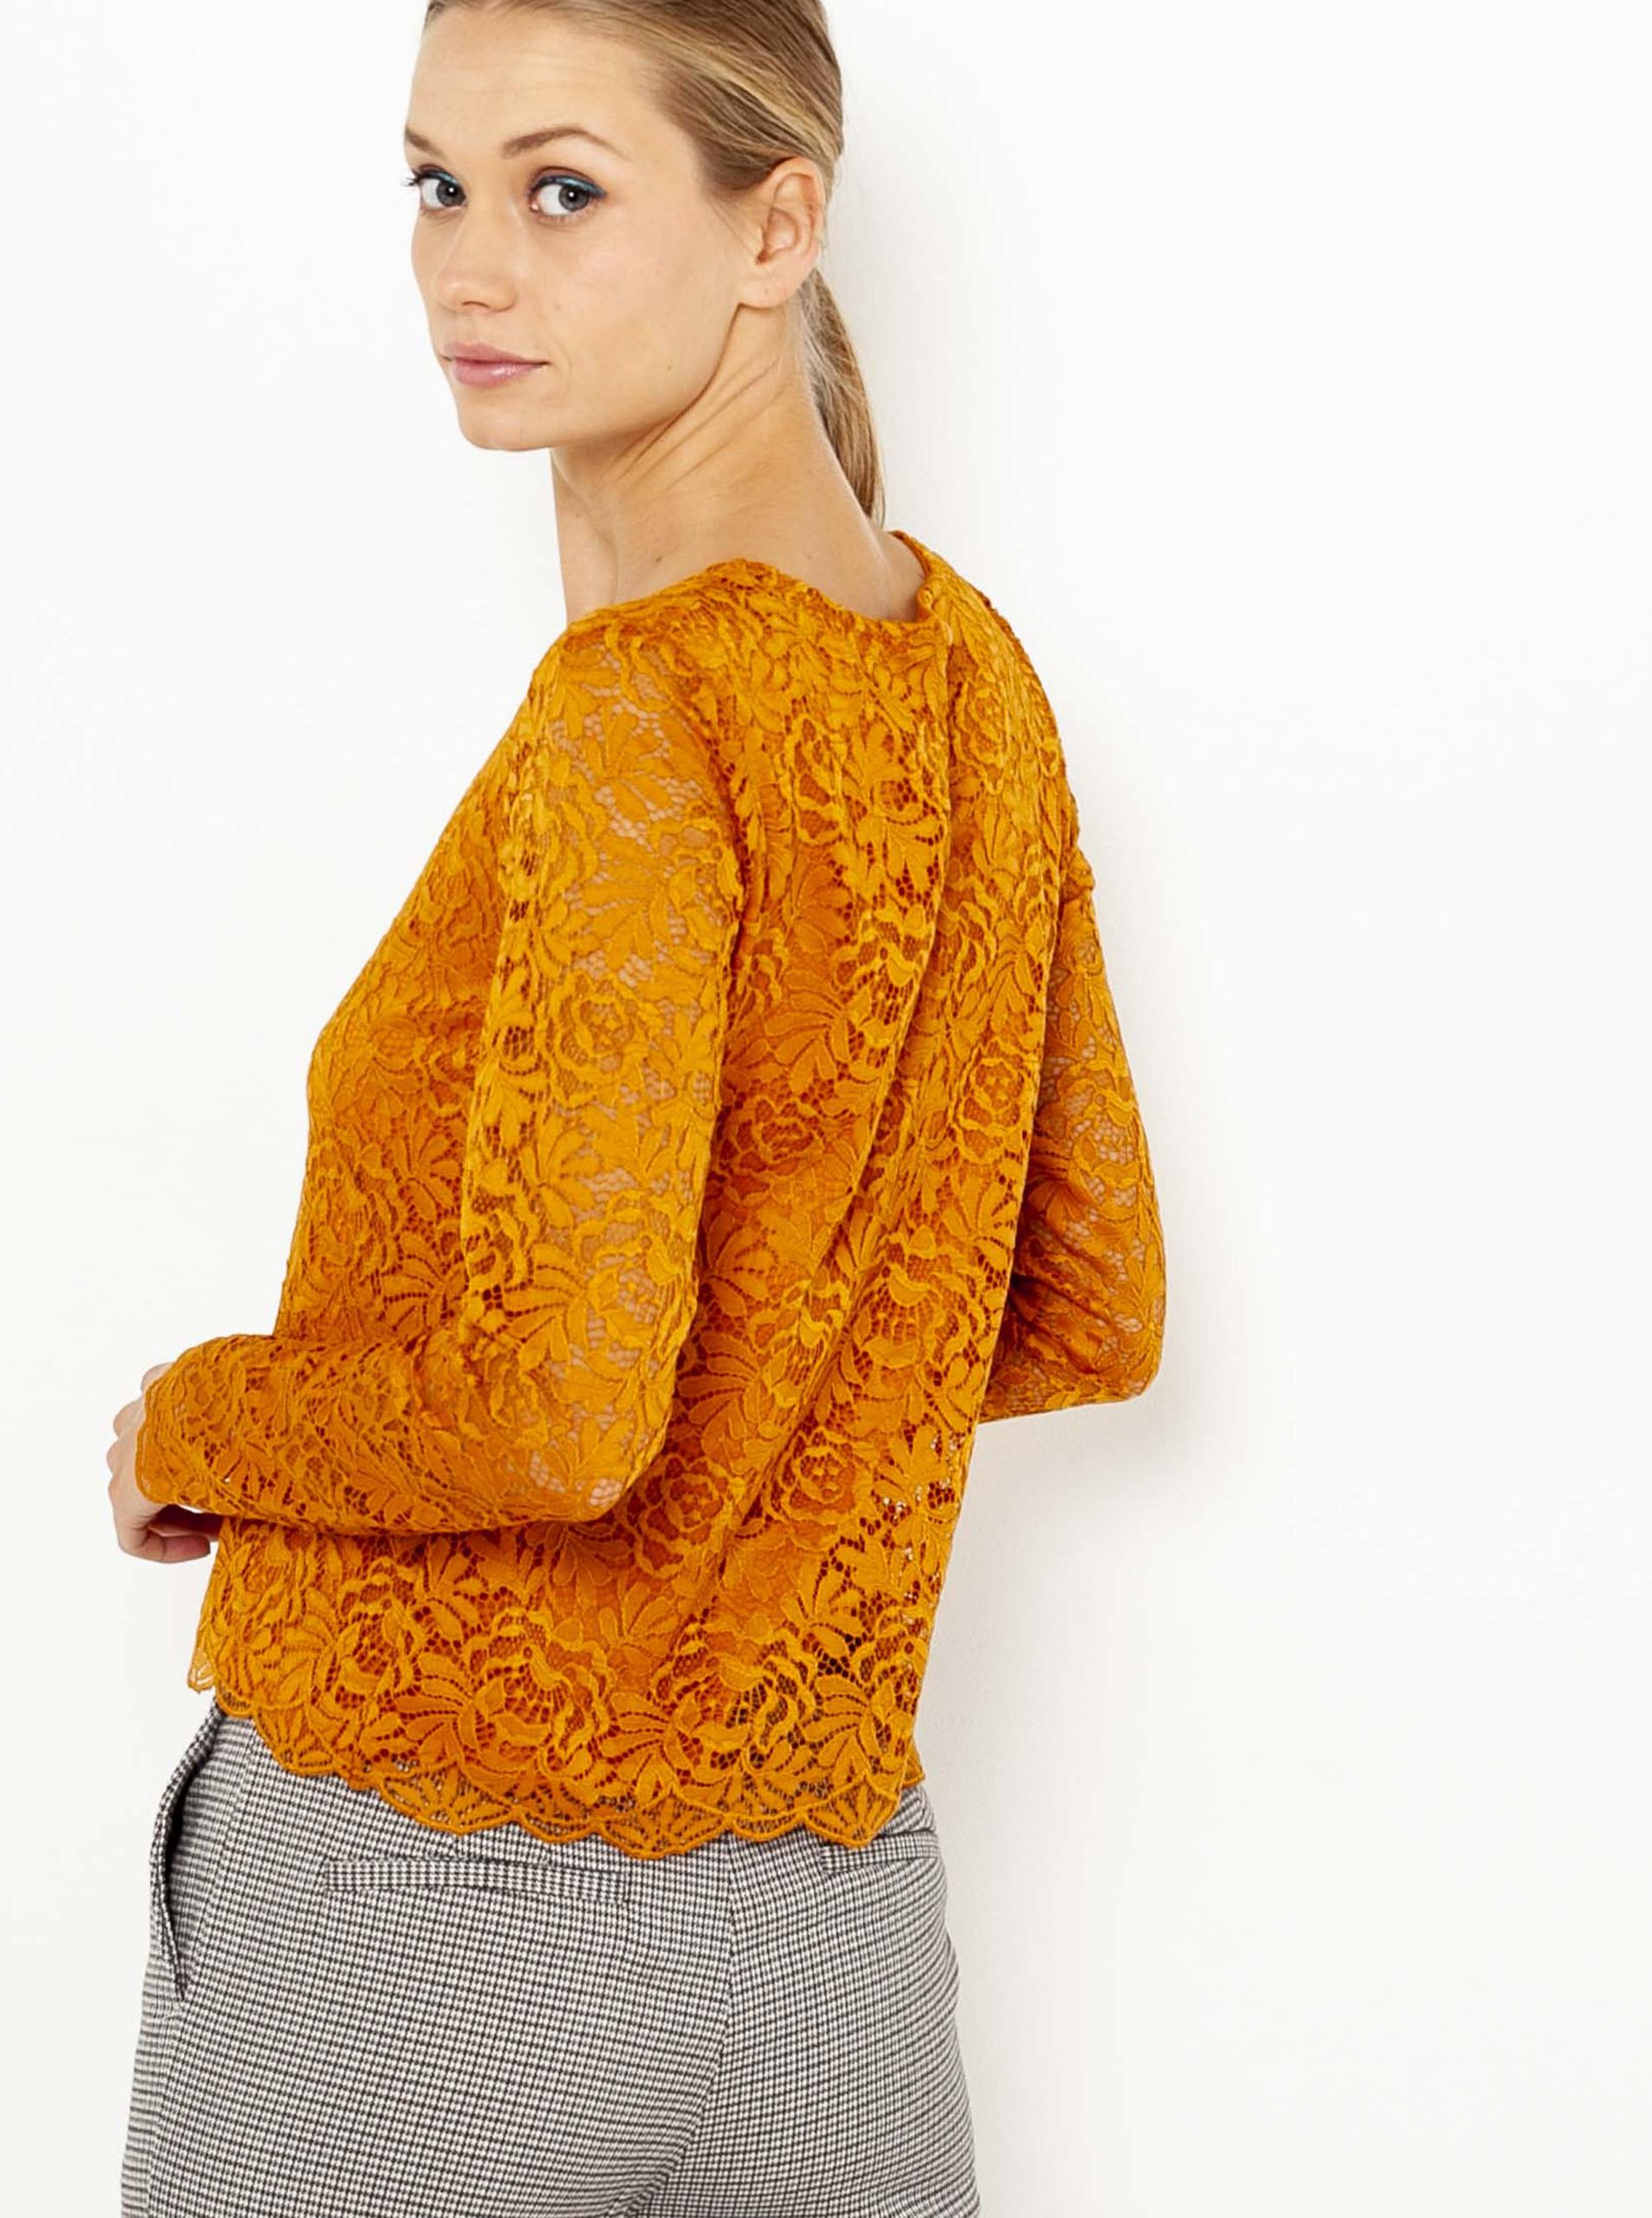 CAMAIEU Women's blouse orange